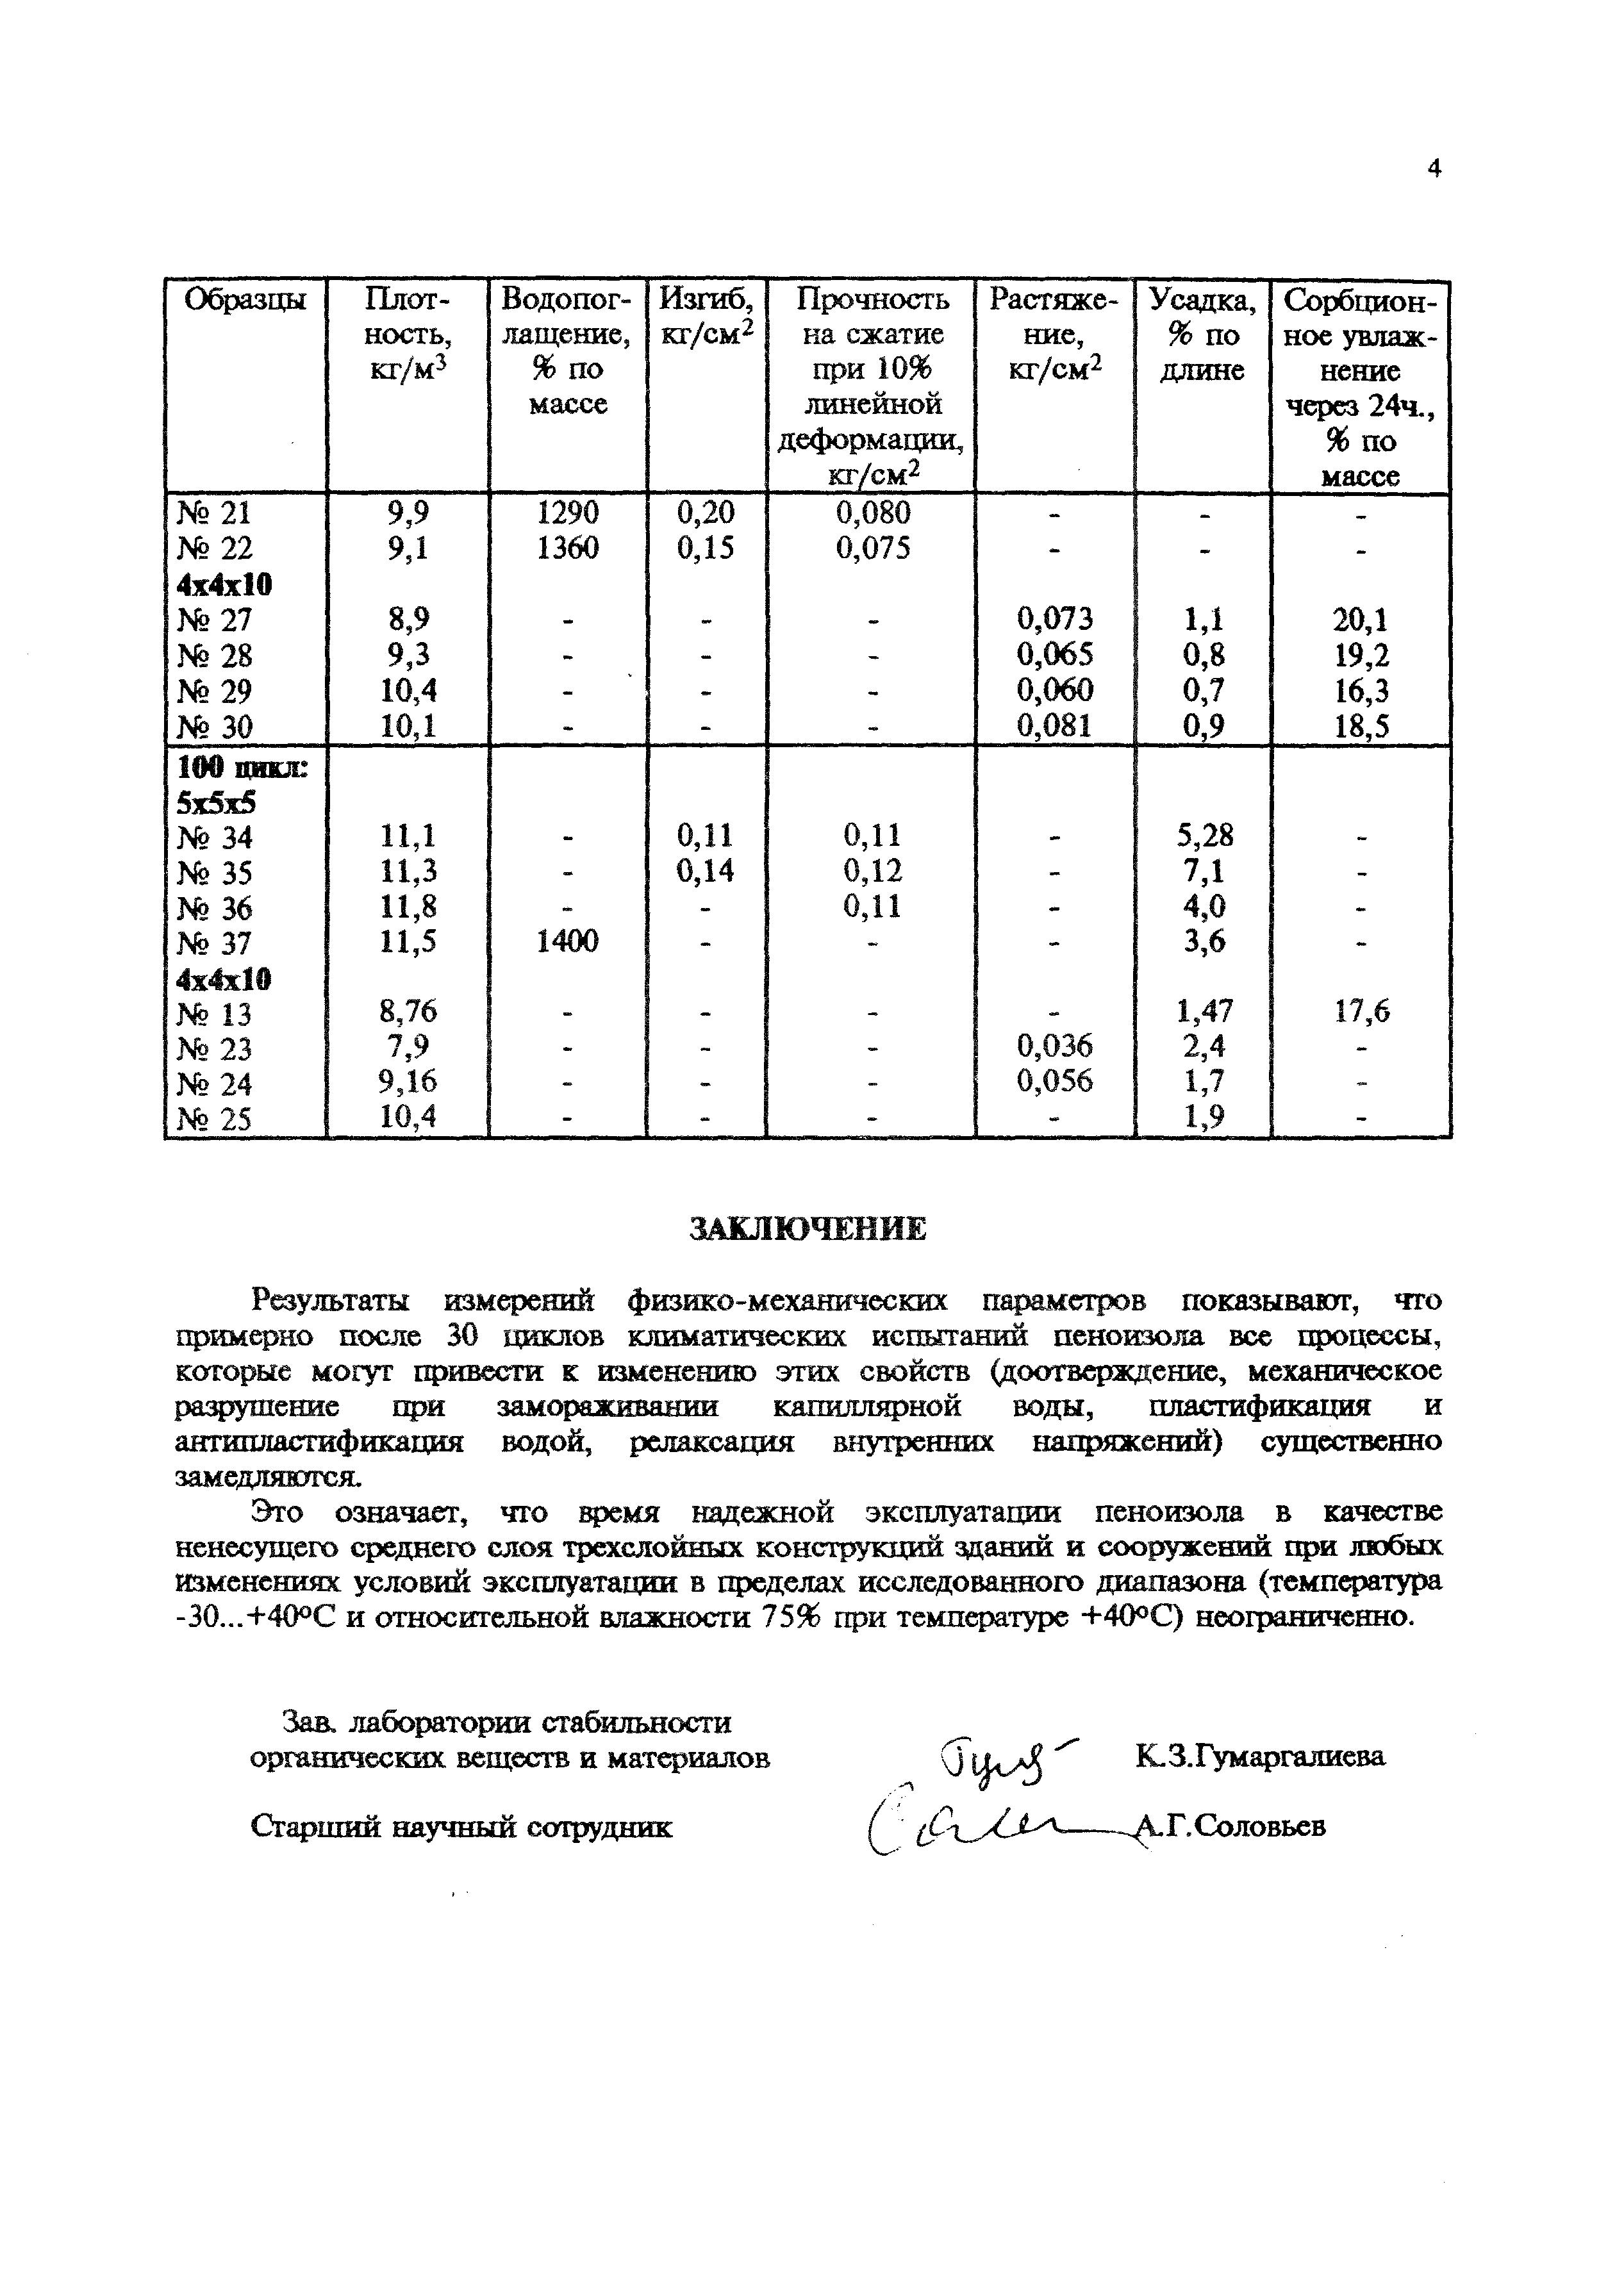 Протокол испытаний